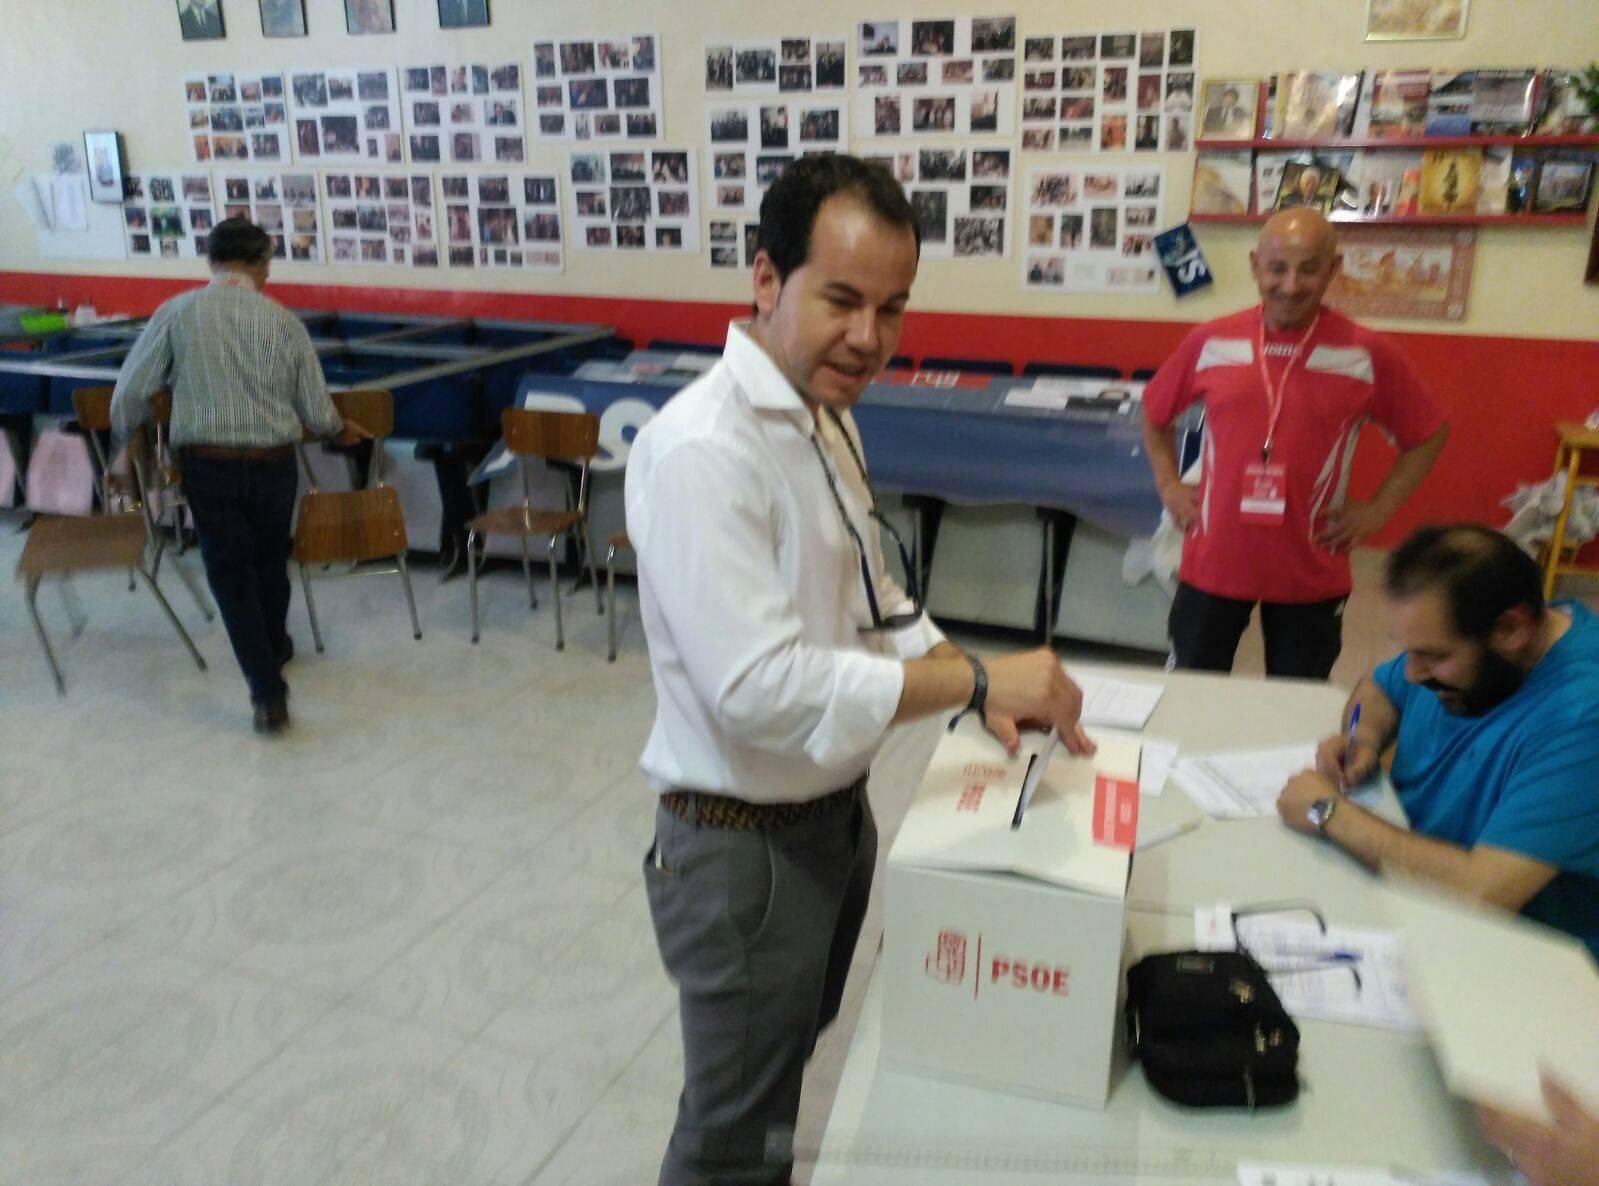 alcalde herencia votacion primarias psoe - Susana Díaz gana en las Primarias del PSOE en Herencia (Ciudad Real)